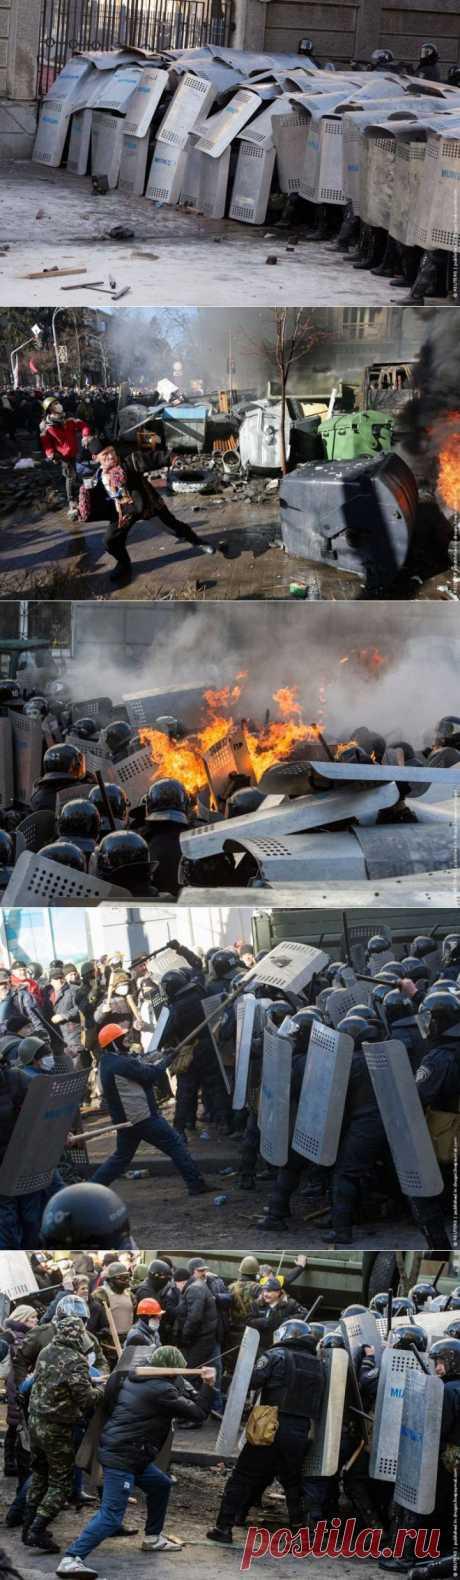 (+1) - Украина: убитые и раненые, восток и запад | Оружие России